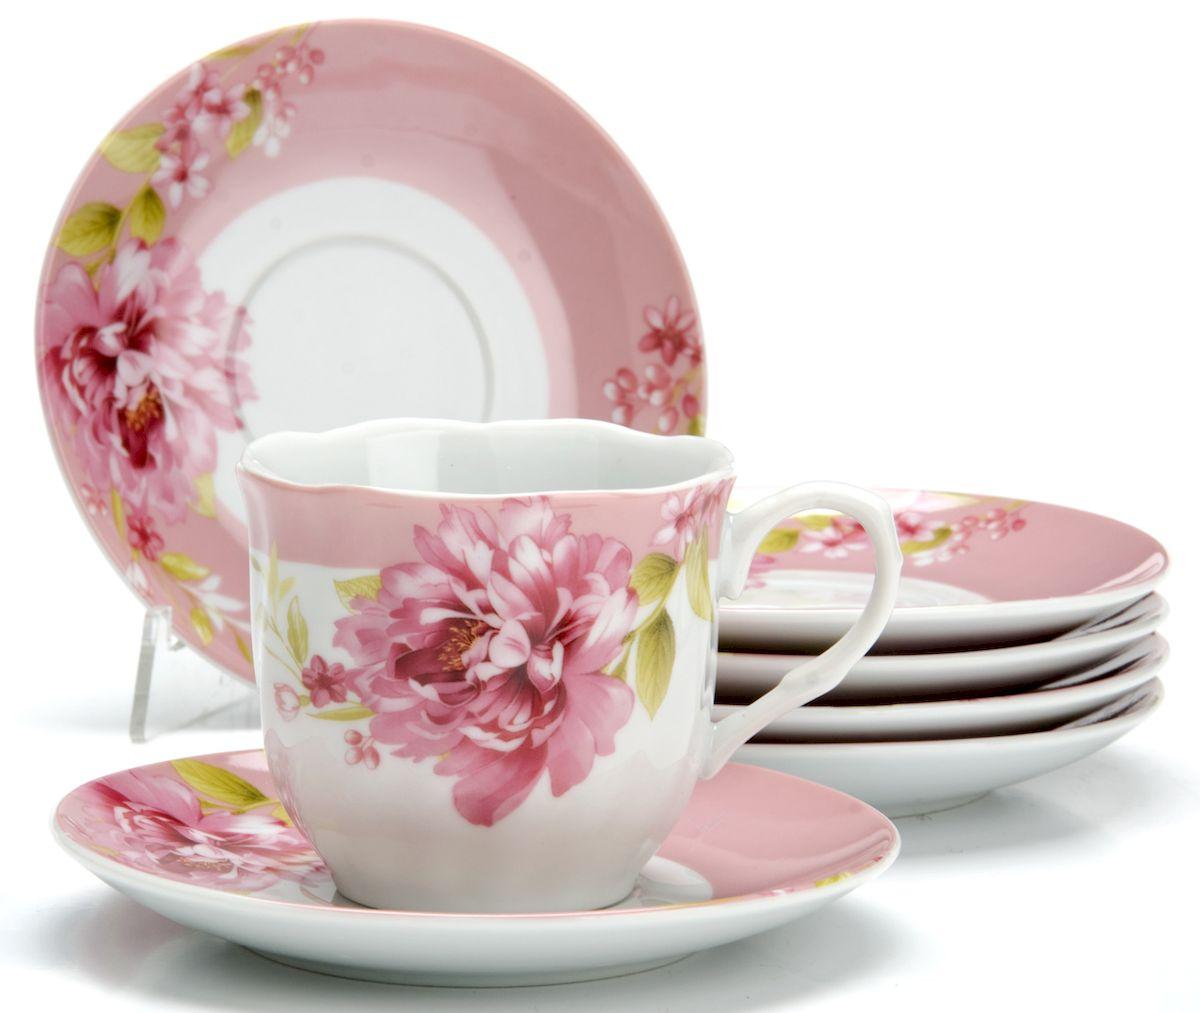 Чайный сервиз Loraine Цветы, 220 мл, 12 предметов. 25915VT-1520(SR)Чайный сервиз на 6 персон изготовлен из качественного фарфора и оформлен красивым рисунком. Элегантный и удобный чайный сервиз не только украсит сервировку стола, но и поднимет настроение и превратит процесс чаепития в одно удовольствие.Сервиз состоит из 12 предметов: шести чашек и шести блюдец, упакованных в подарочную коробку. Чашки имеют удобную, изящную ручку.Изделия легко и просто мыть.Диаметр чашки: 8 см.Высота чашки: 7,5 см.Объем чашки: 220 мл.Диаметр блюдца: 14 см.